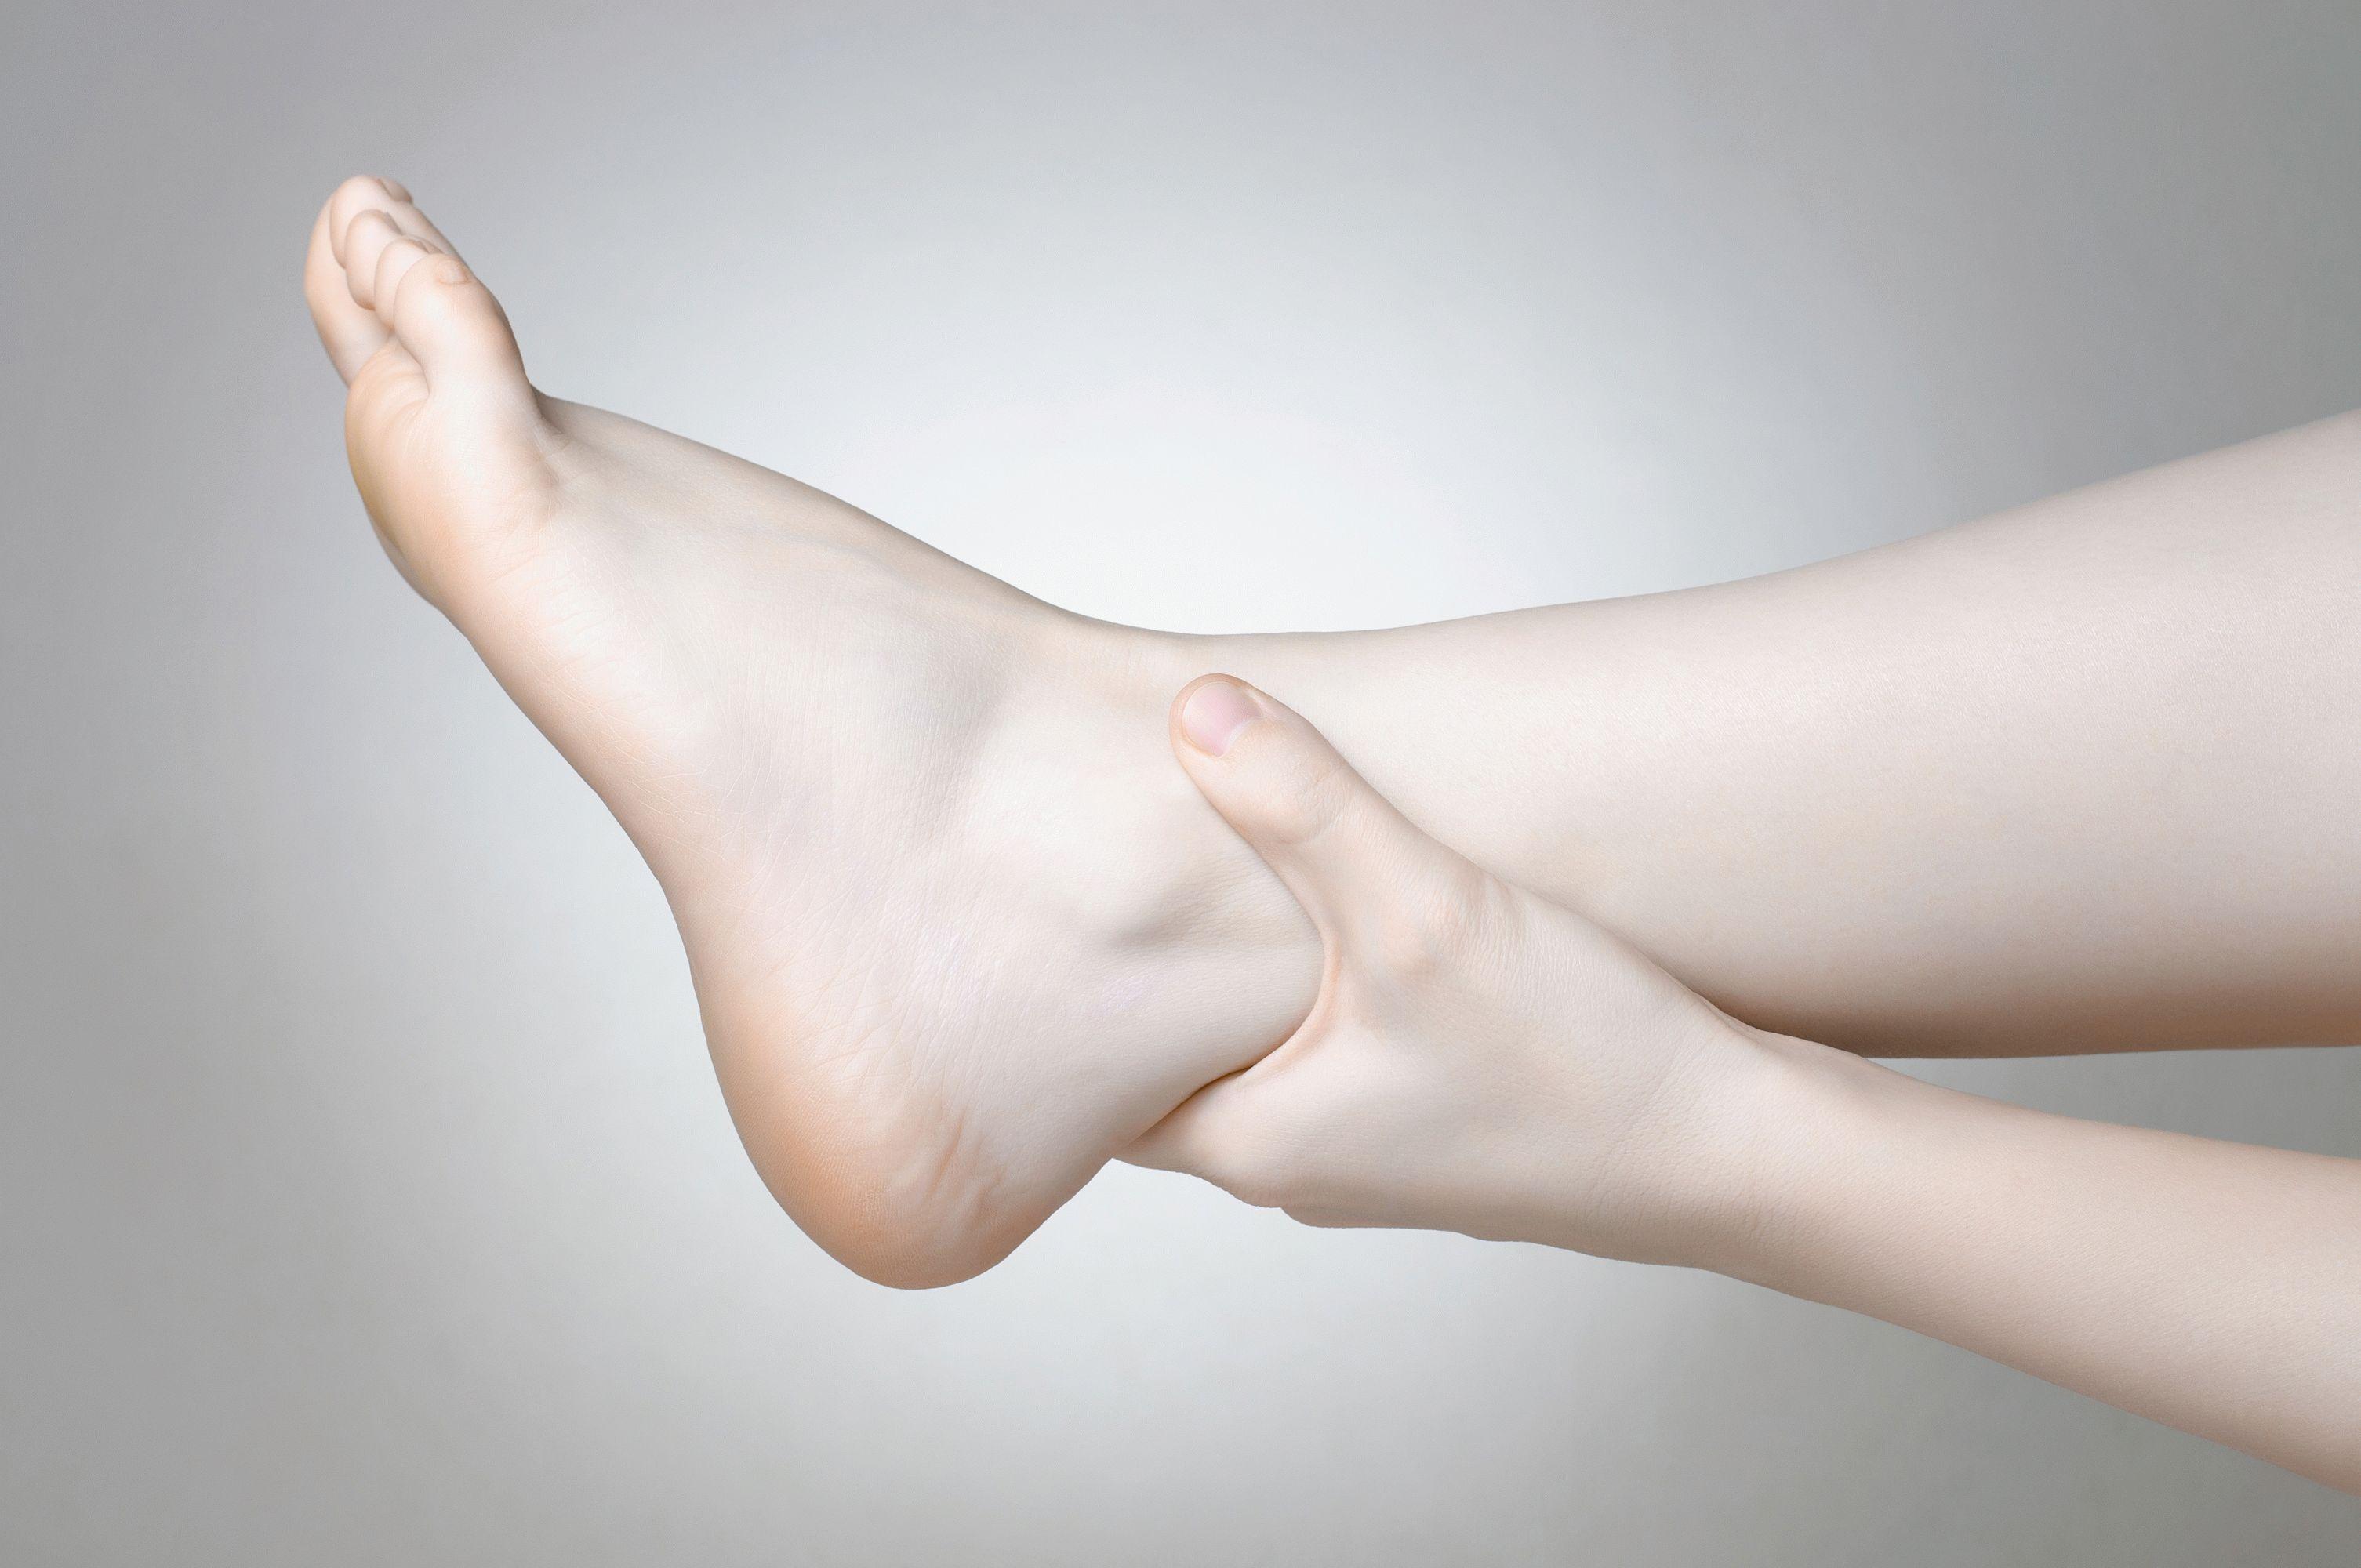 осложнения после акш отекают ноги